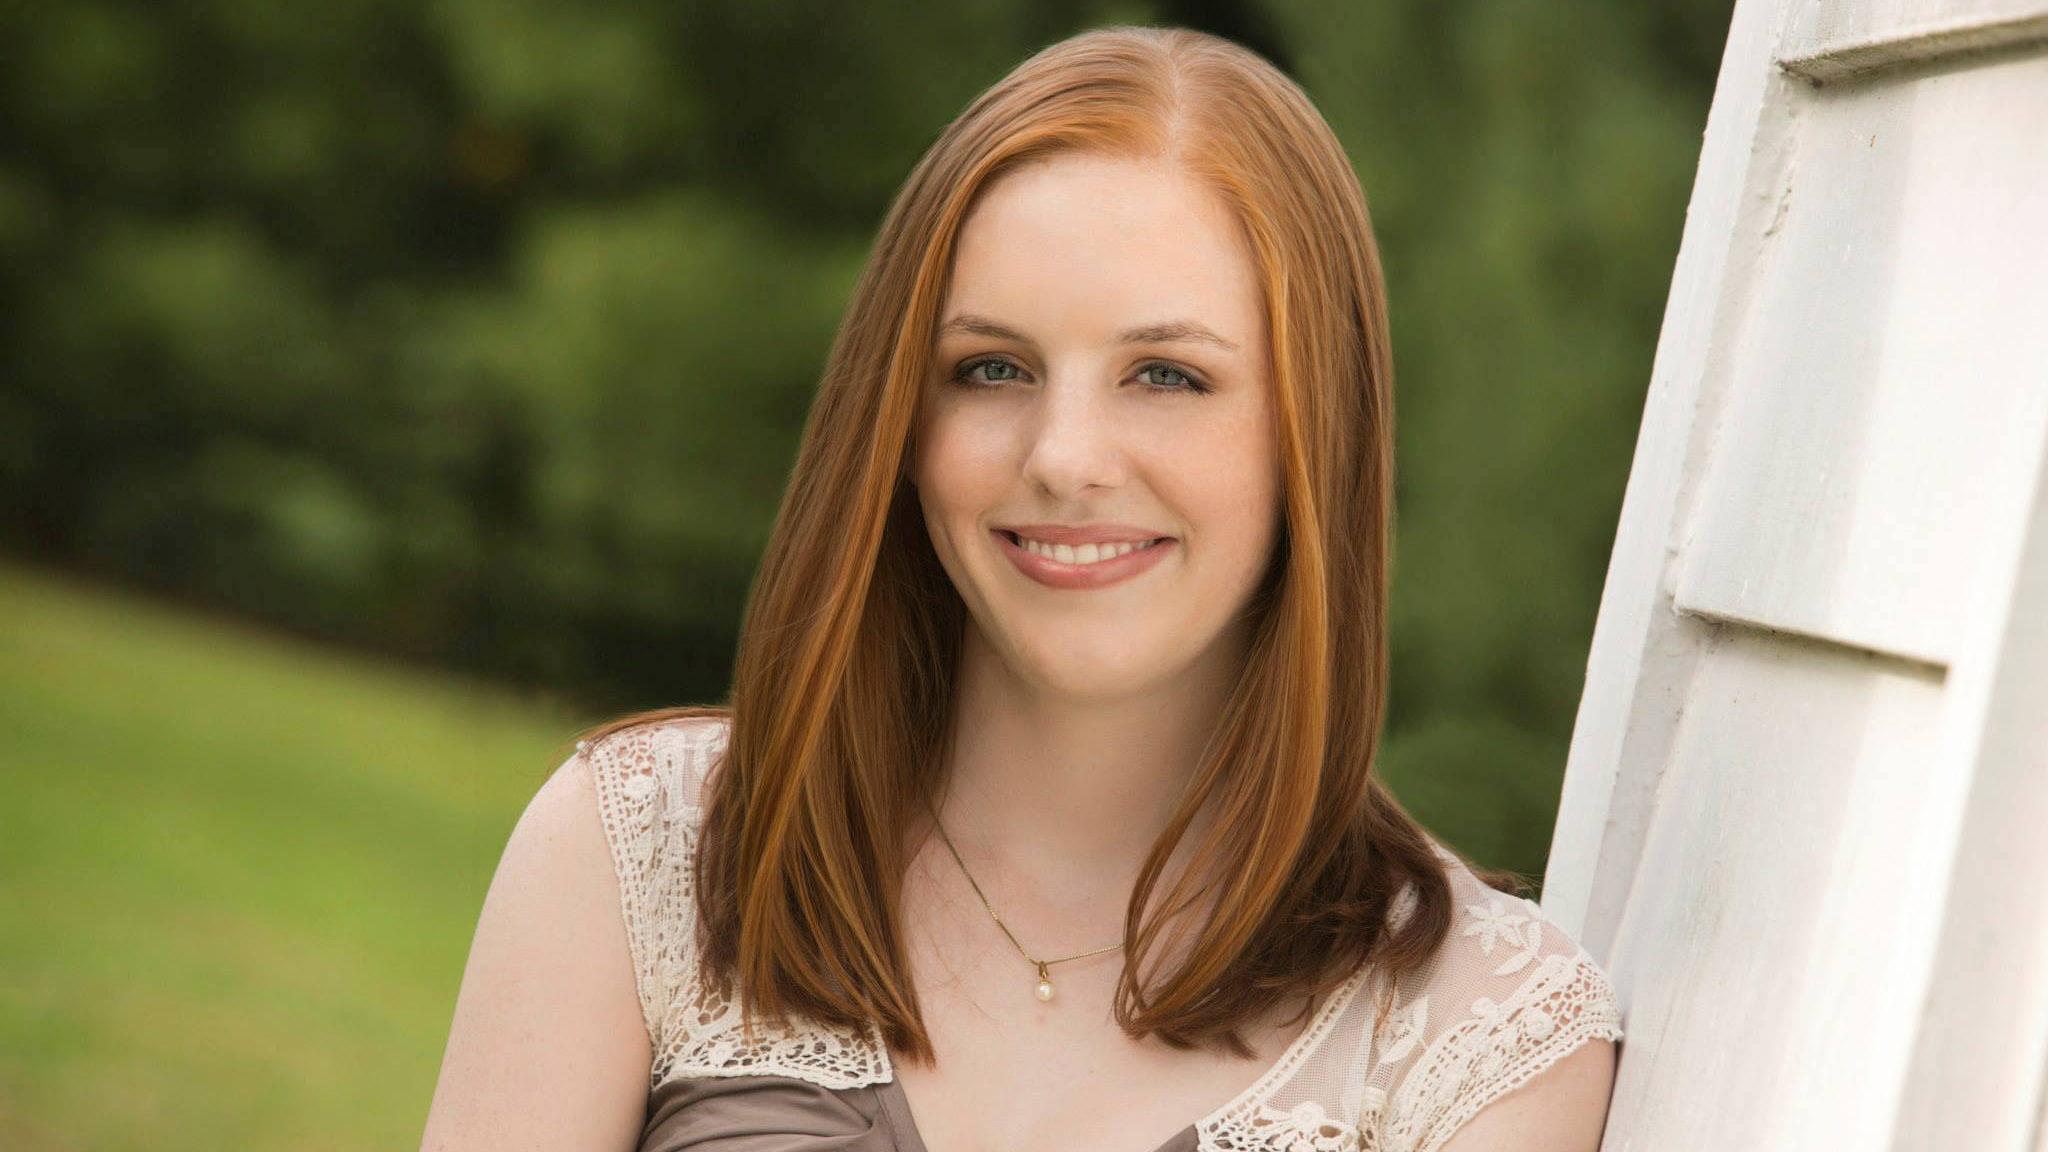 Drexel LeBow student Kayla Bride